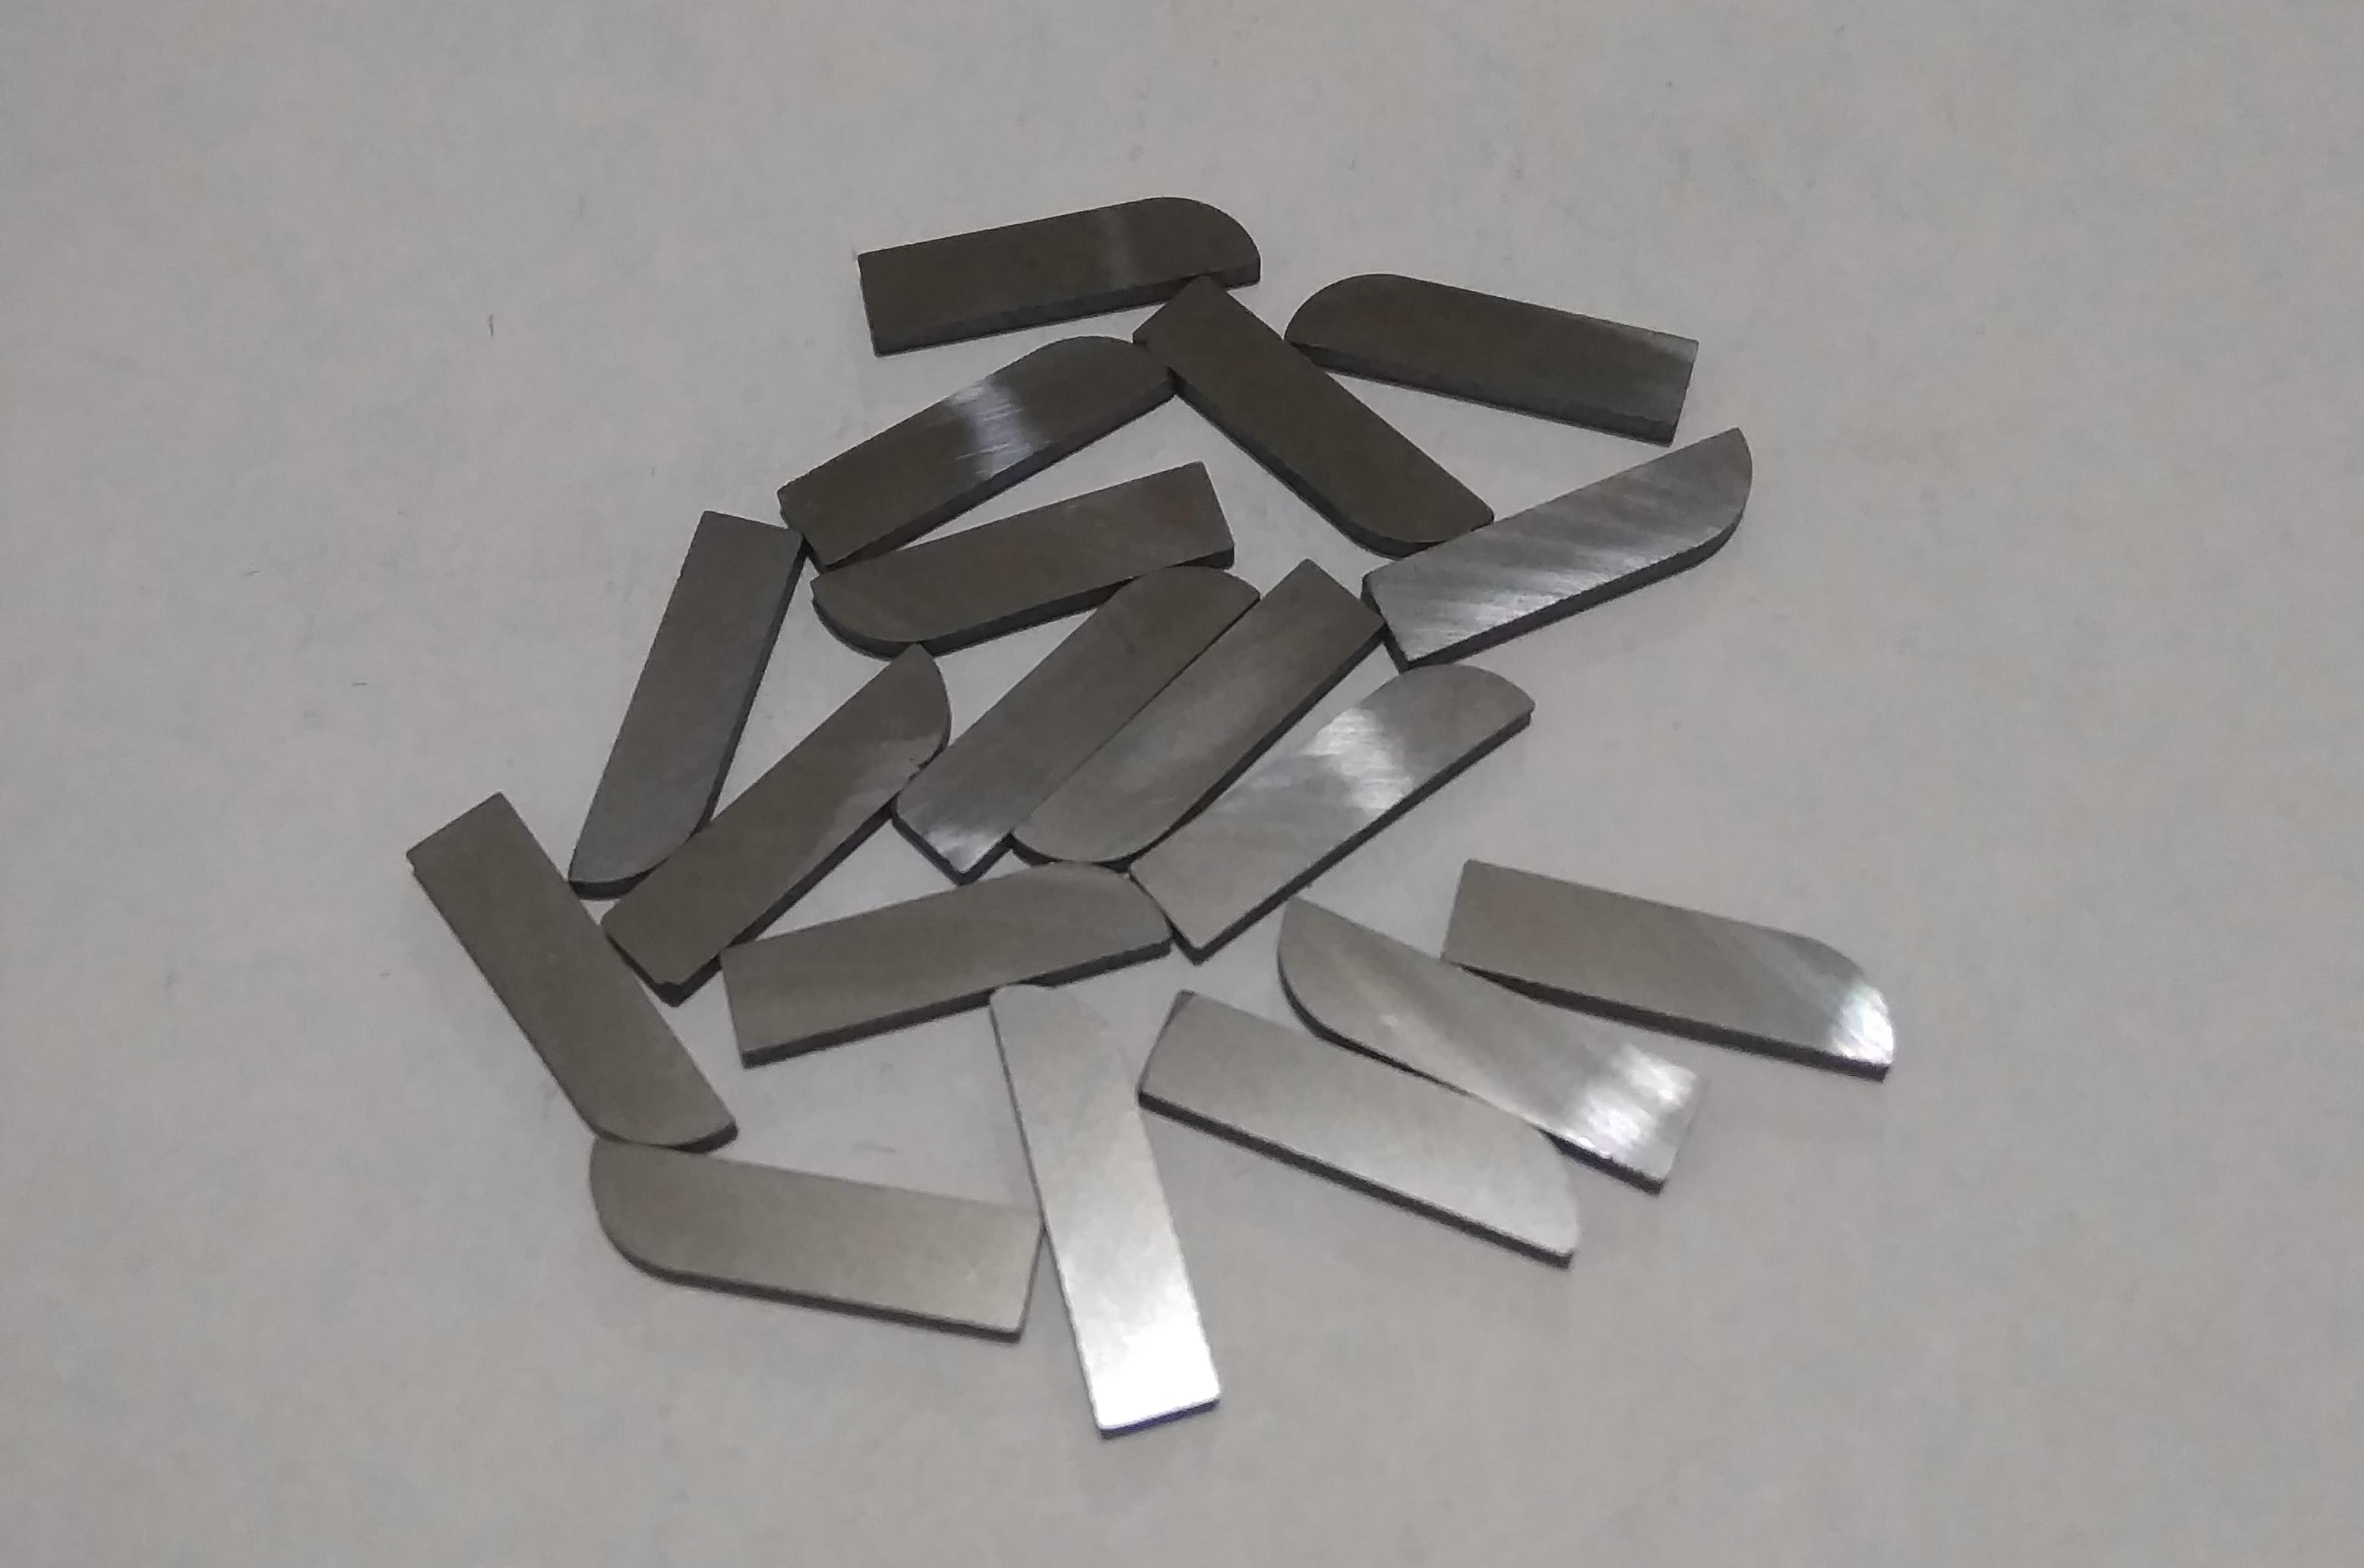 专业生产磨刀器刀片厂家,株洲专业生产磨刀器刀片厂家,湖南专业生产磨刀器刀片厂家